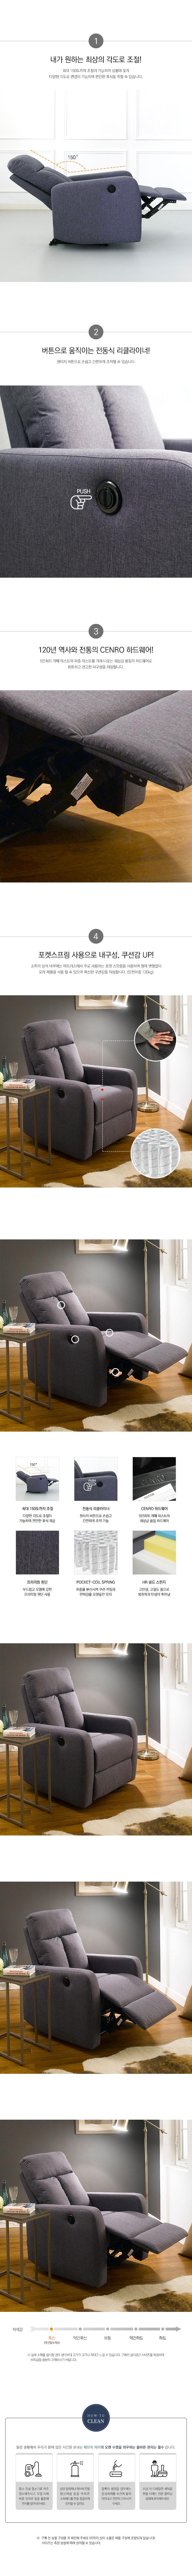 HEIM-Gray-Power-Recliner-Chair_180308_2.